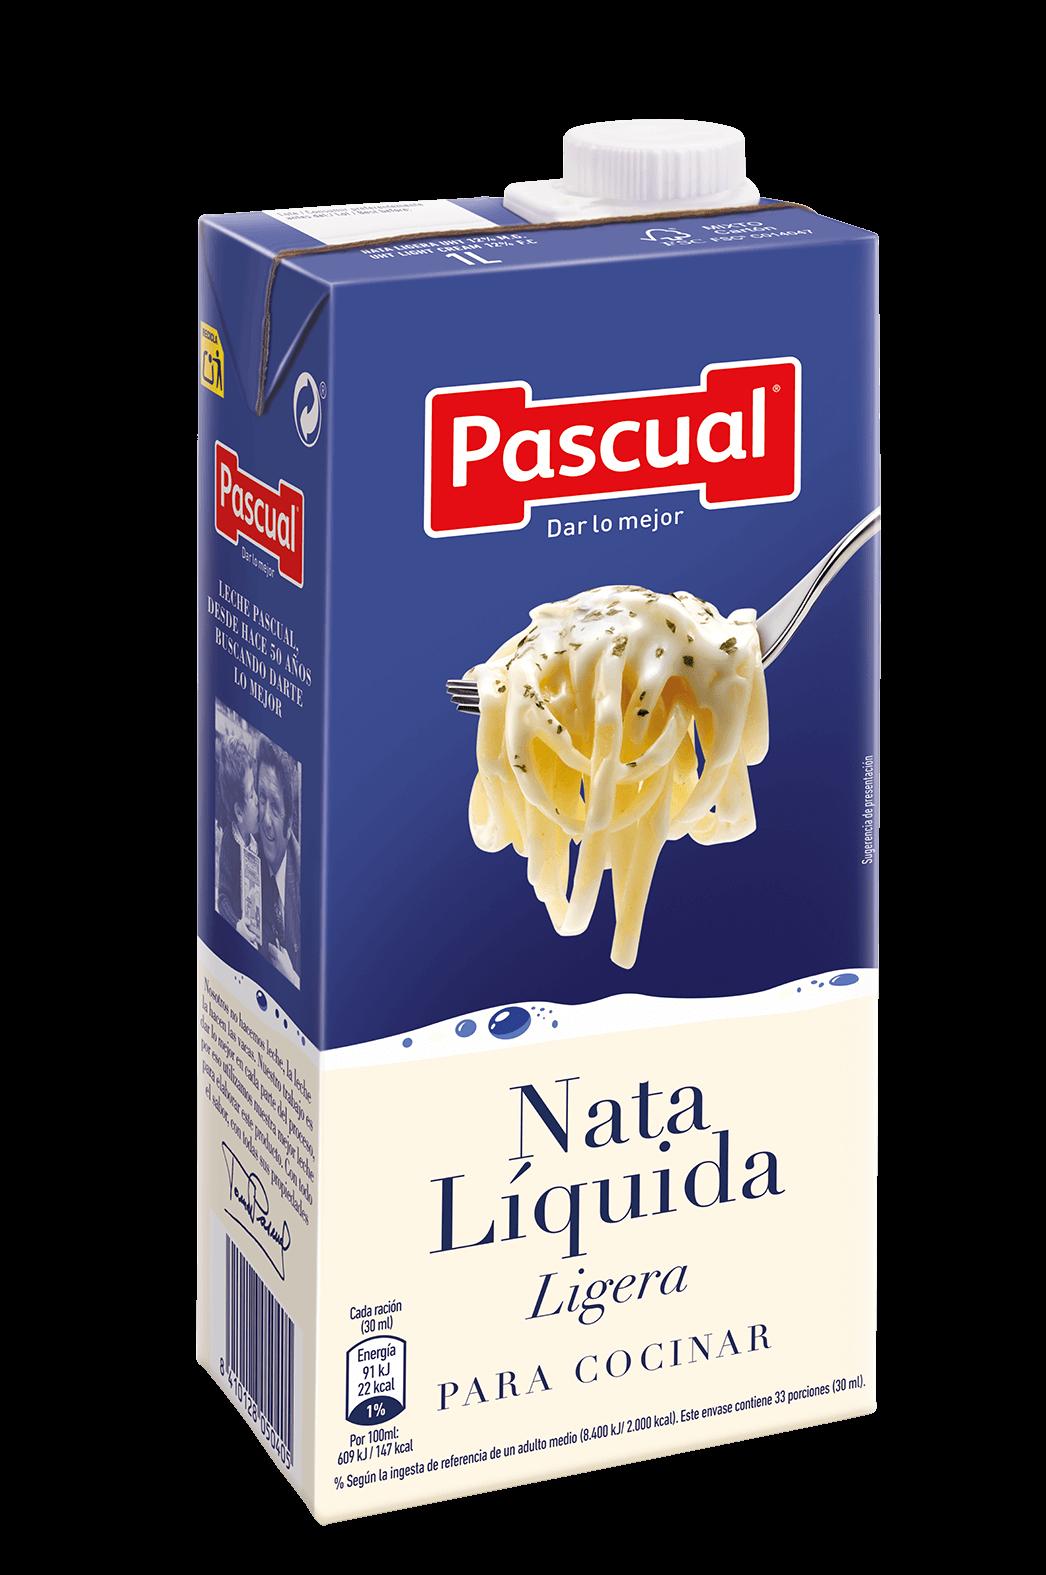 NATA liquida ligera cocinar Pascual